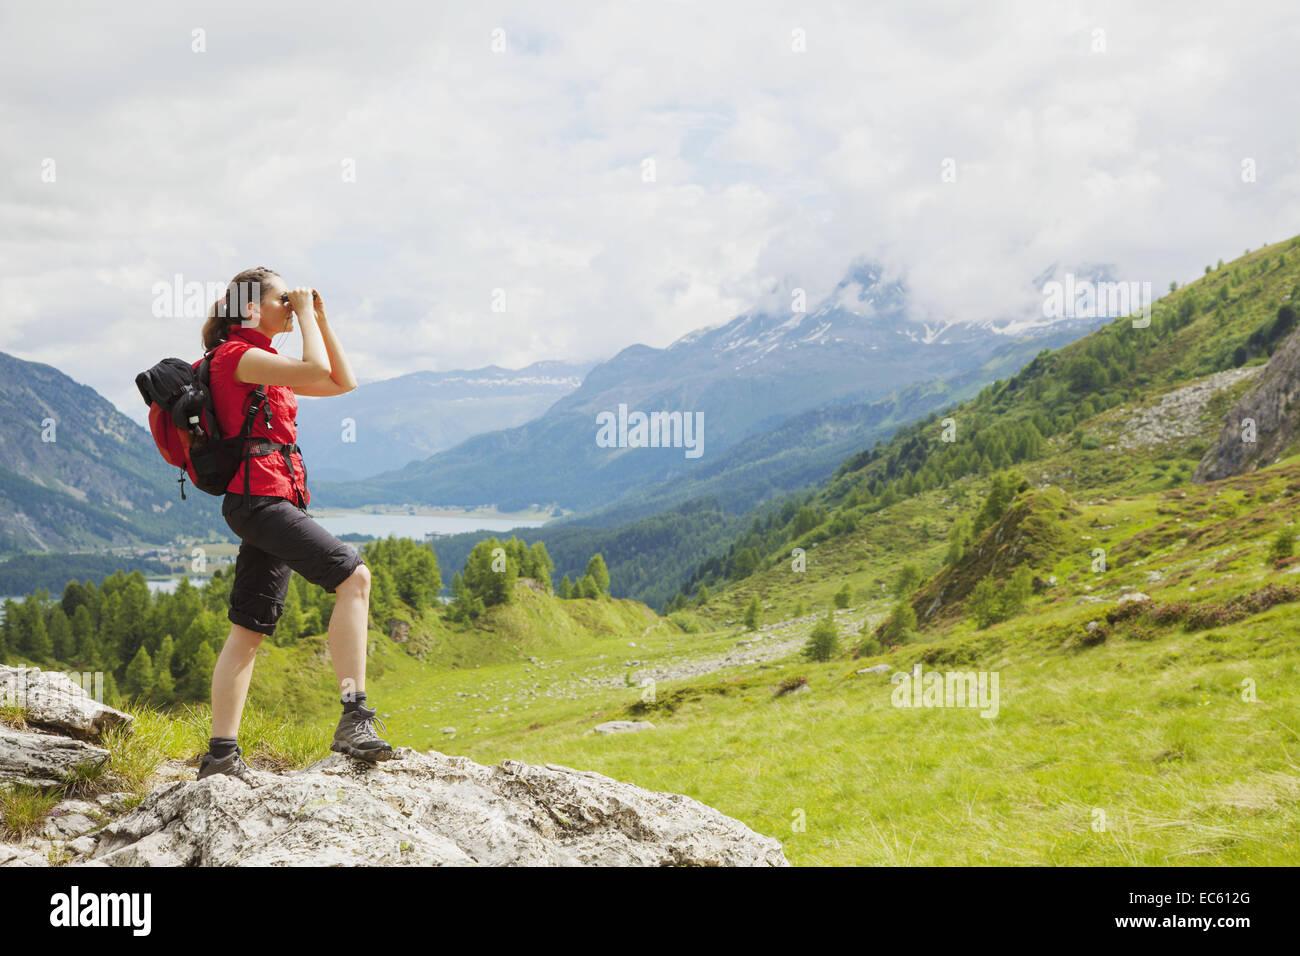 Wanderer im engadin durchsicht fernglas see natur berge der schweiz